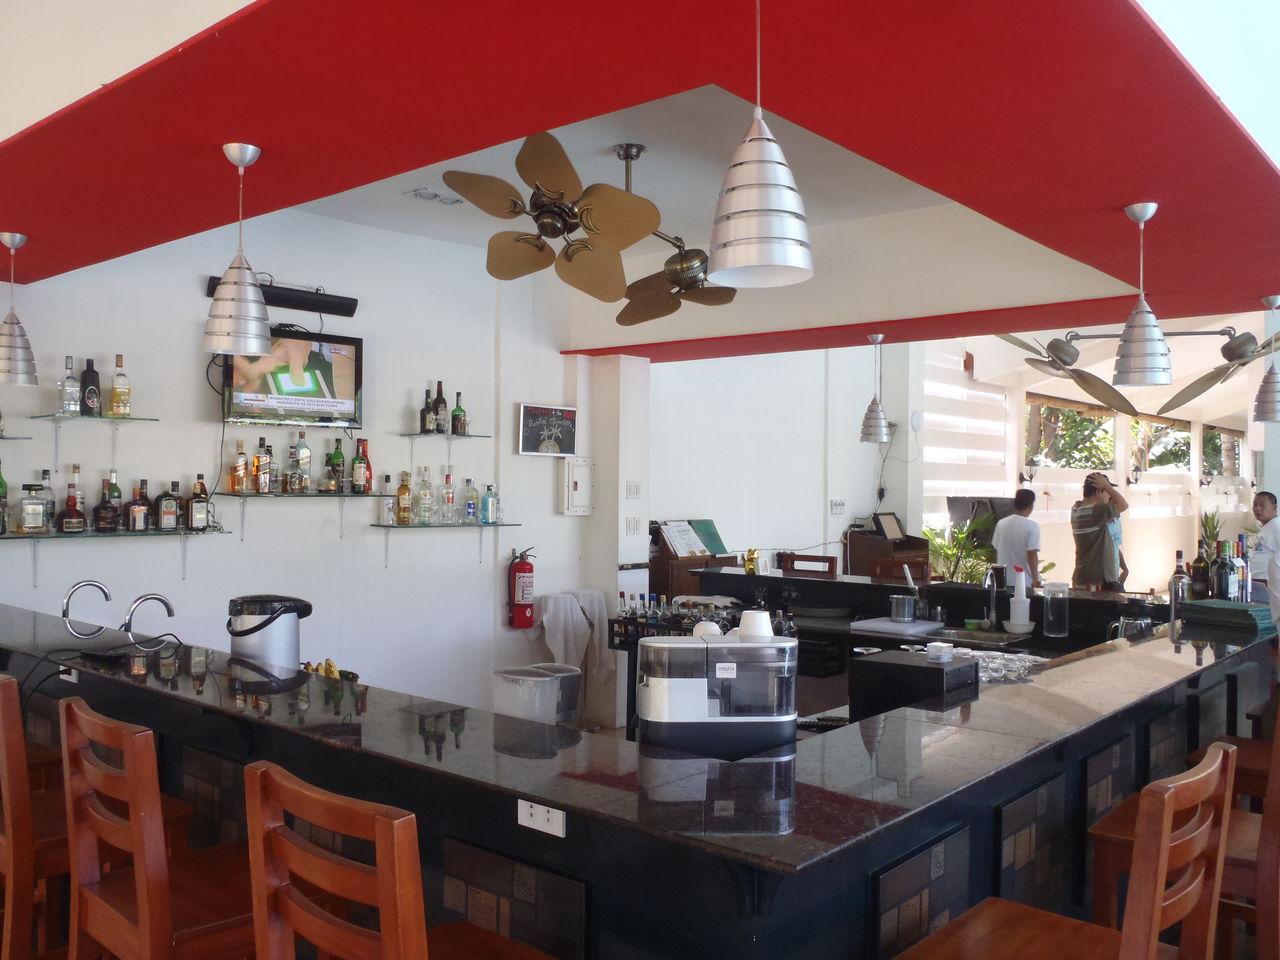 ドゥマゲッティにいながらシチリア島のリゾートに行けるレストラン